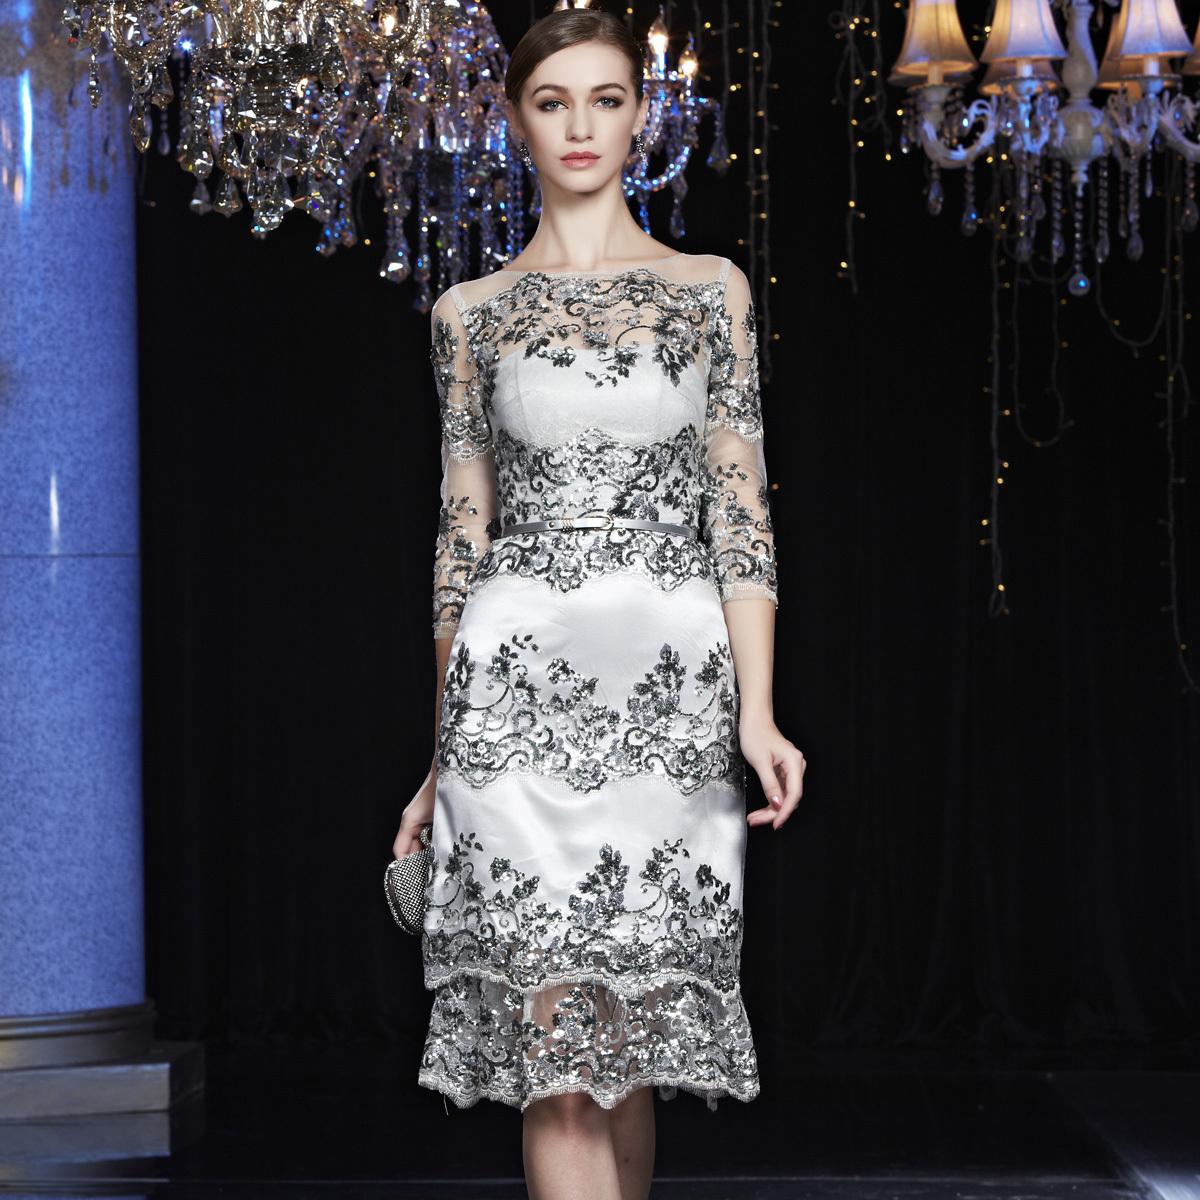 Женская одежда Ежегодное совещание, вечернее платье 2017 новый раскол юбка была тонкая свадебное свекрови большой ярдов дамы темперамент теща свадьба